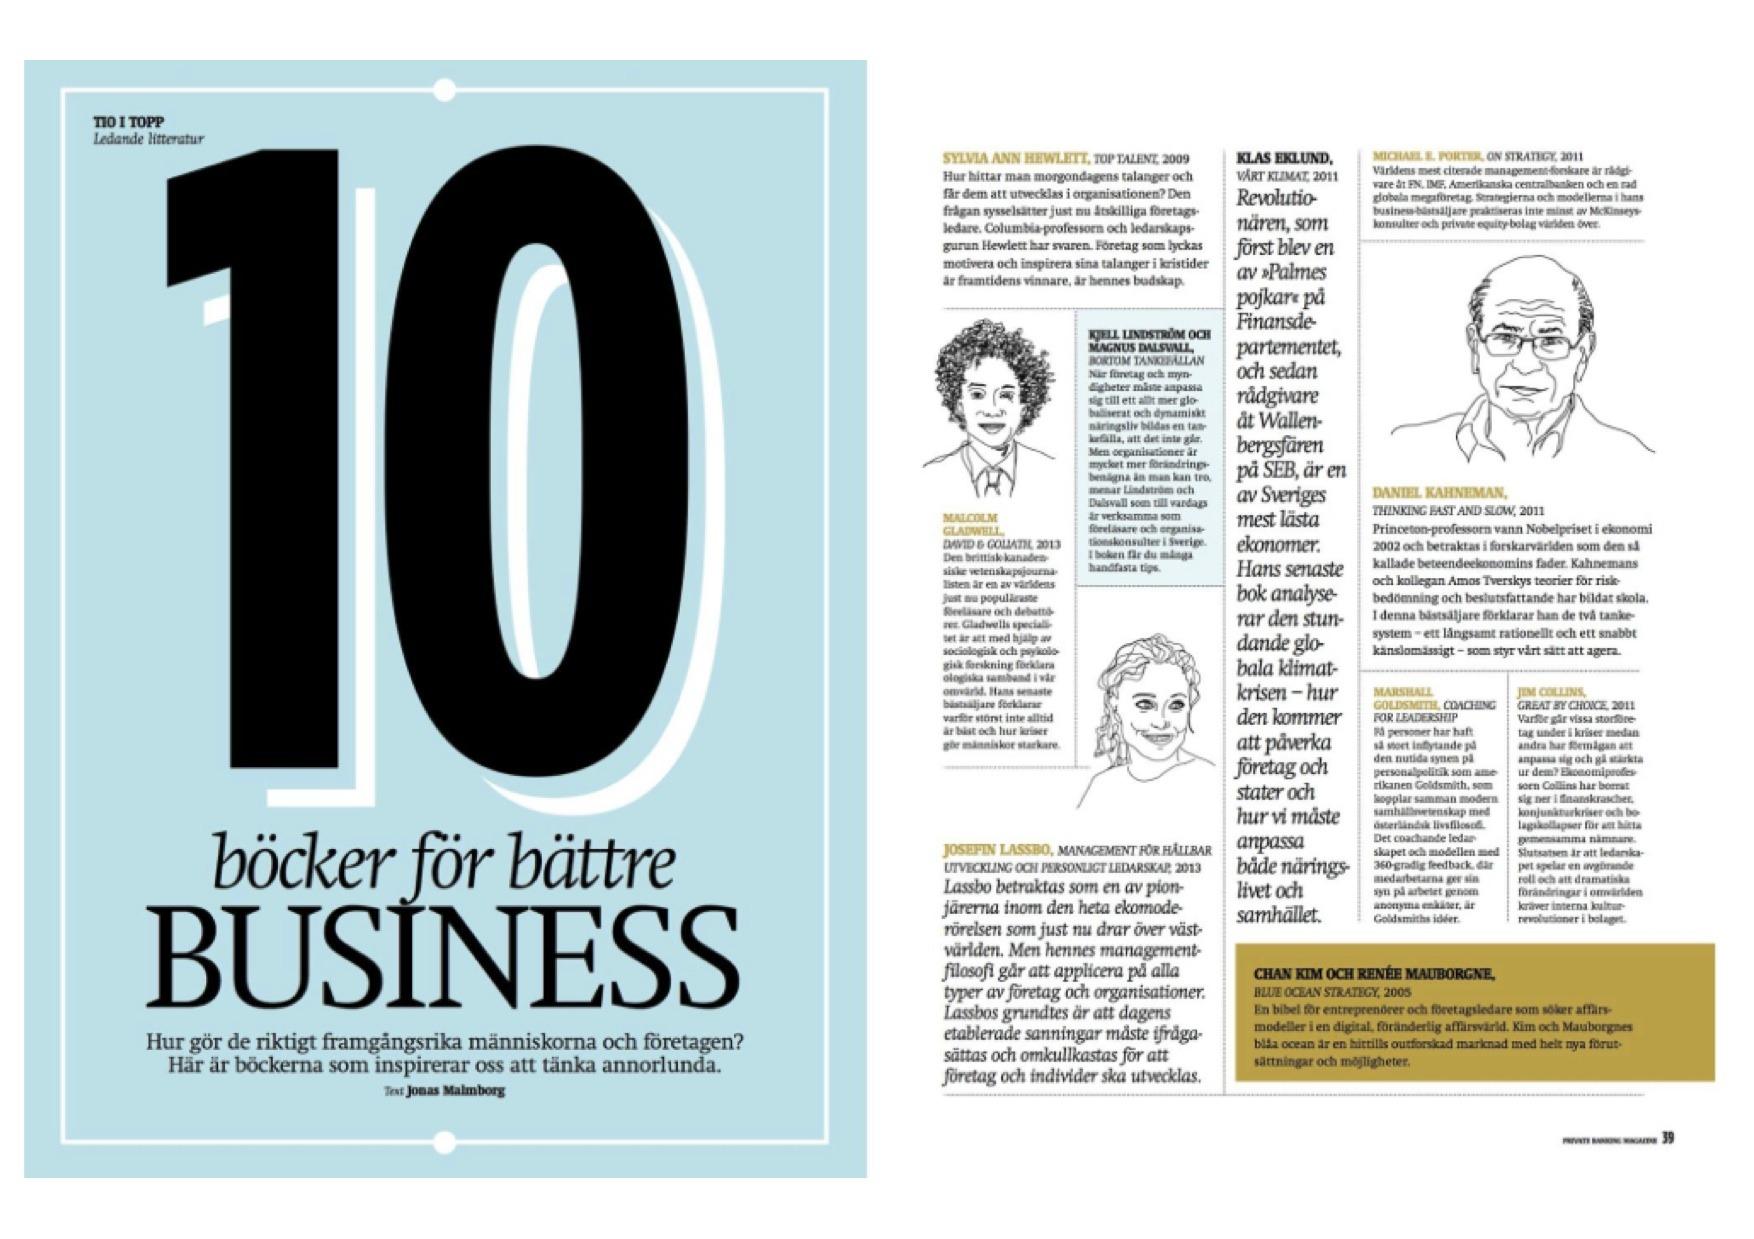 10 böcker för bättre business